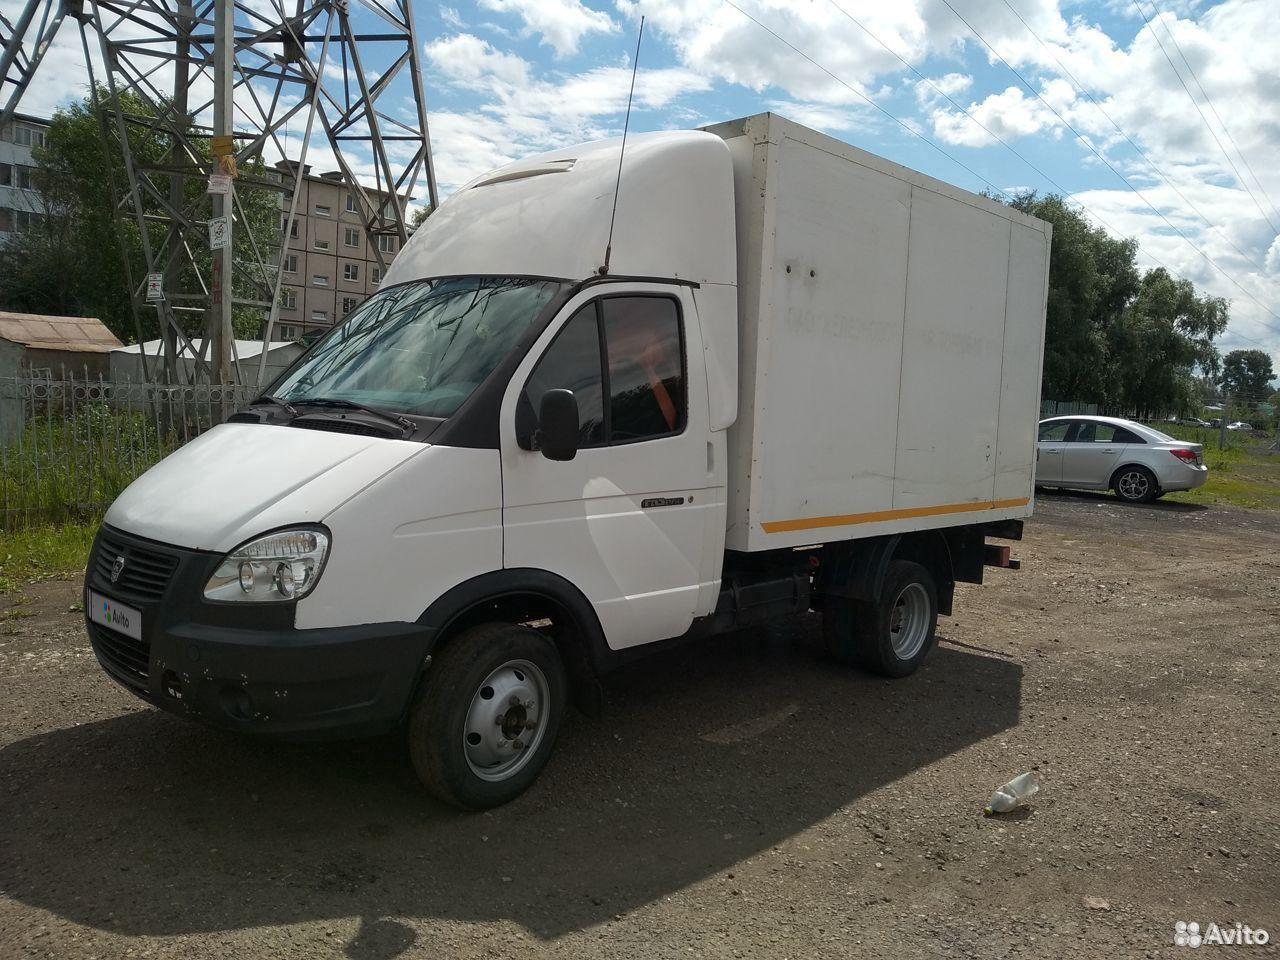 ГАЗ ГАЗель 3302, 2006  89068164911 купить 1